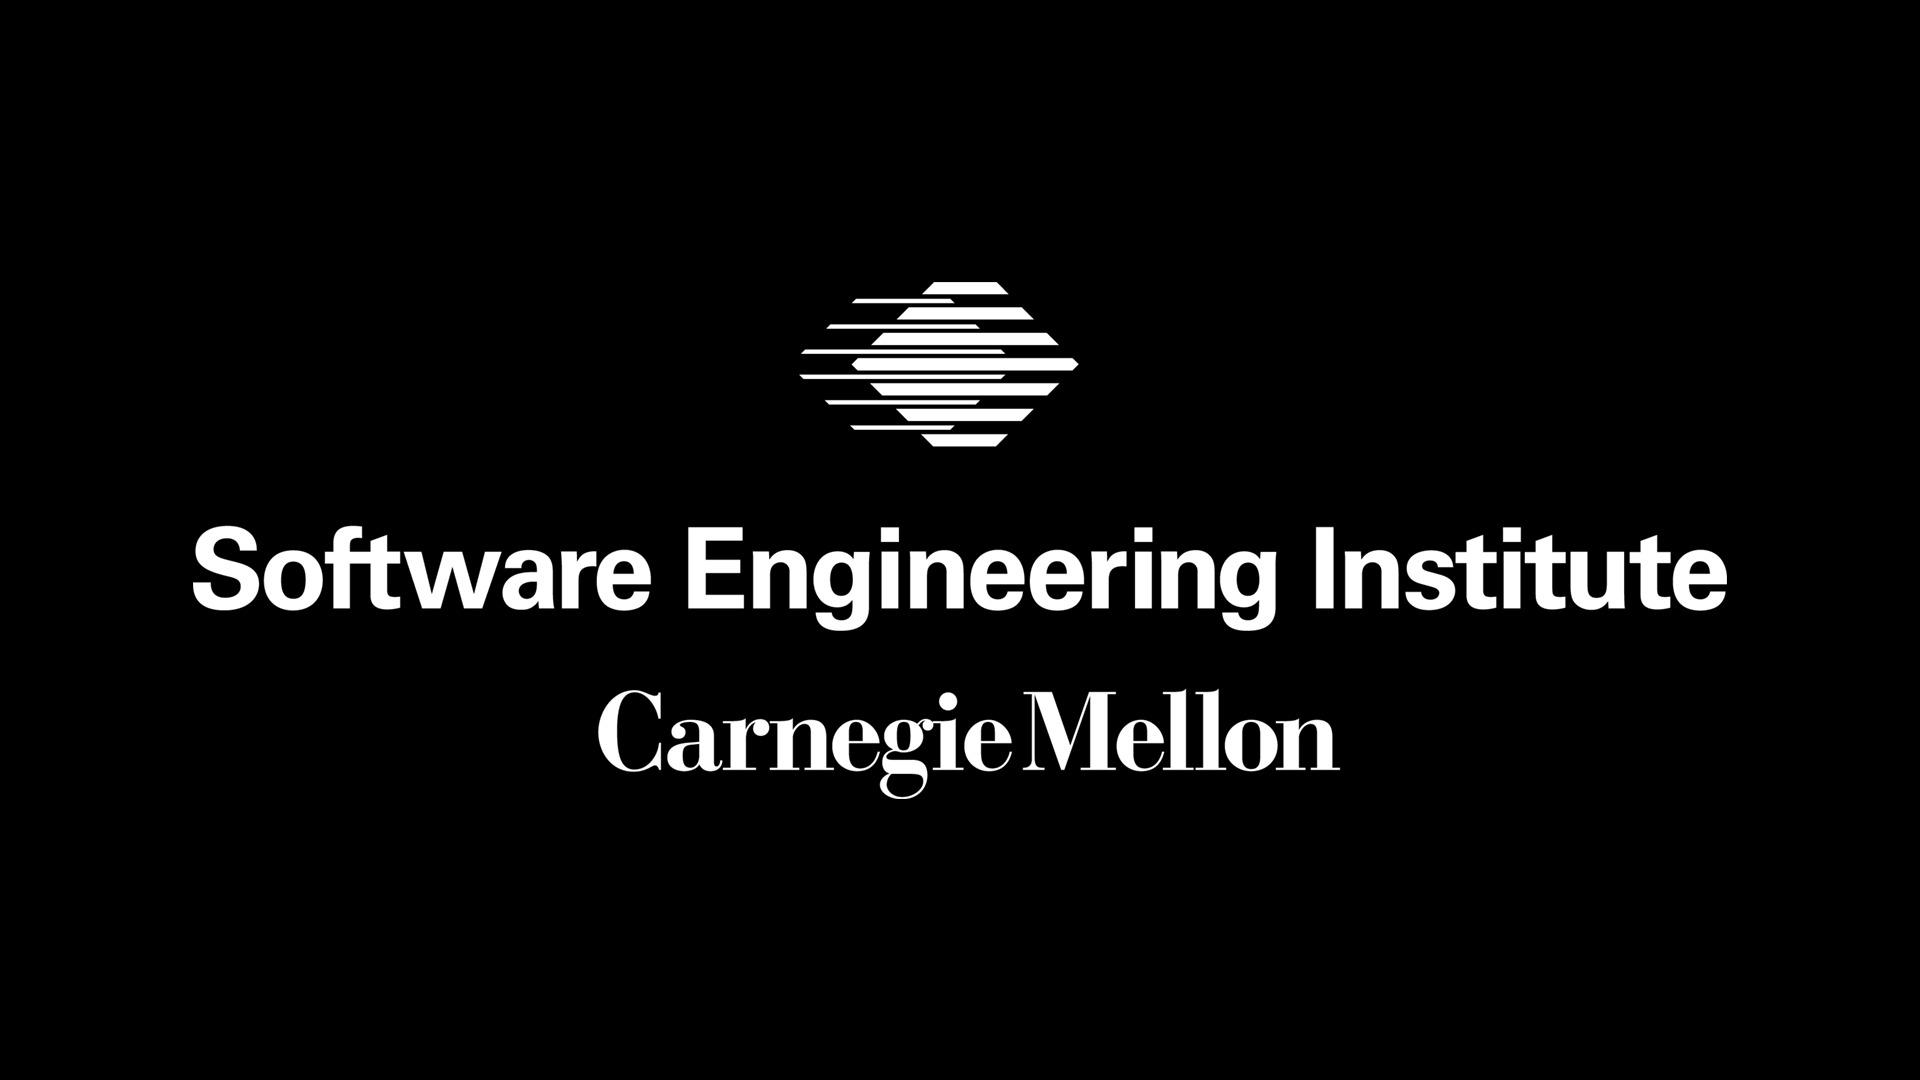 softwareengineeringinstitutelogo.jpg